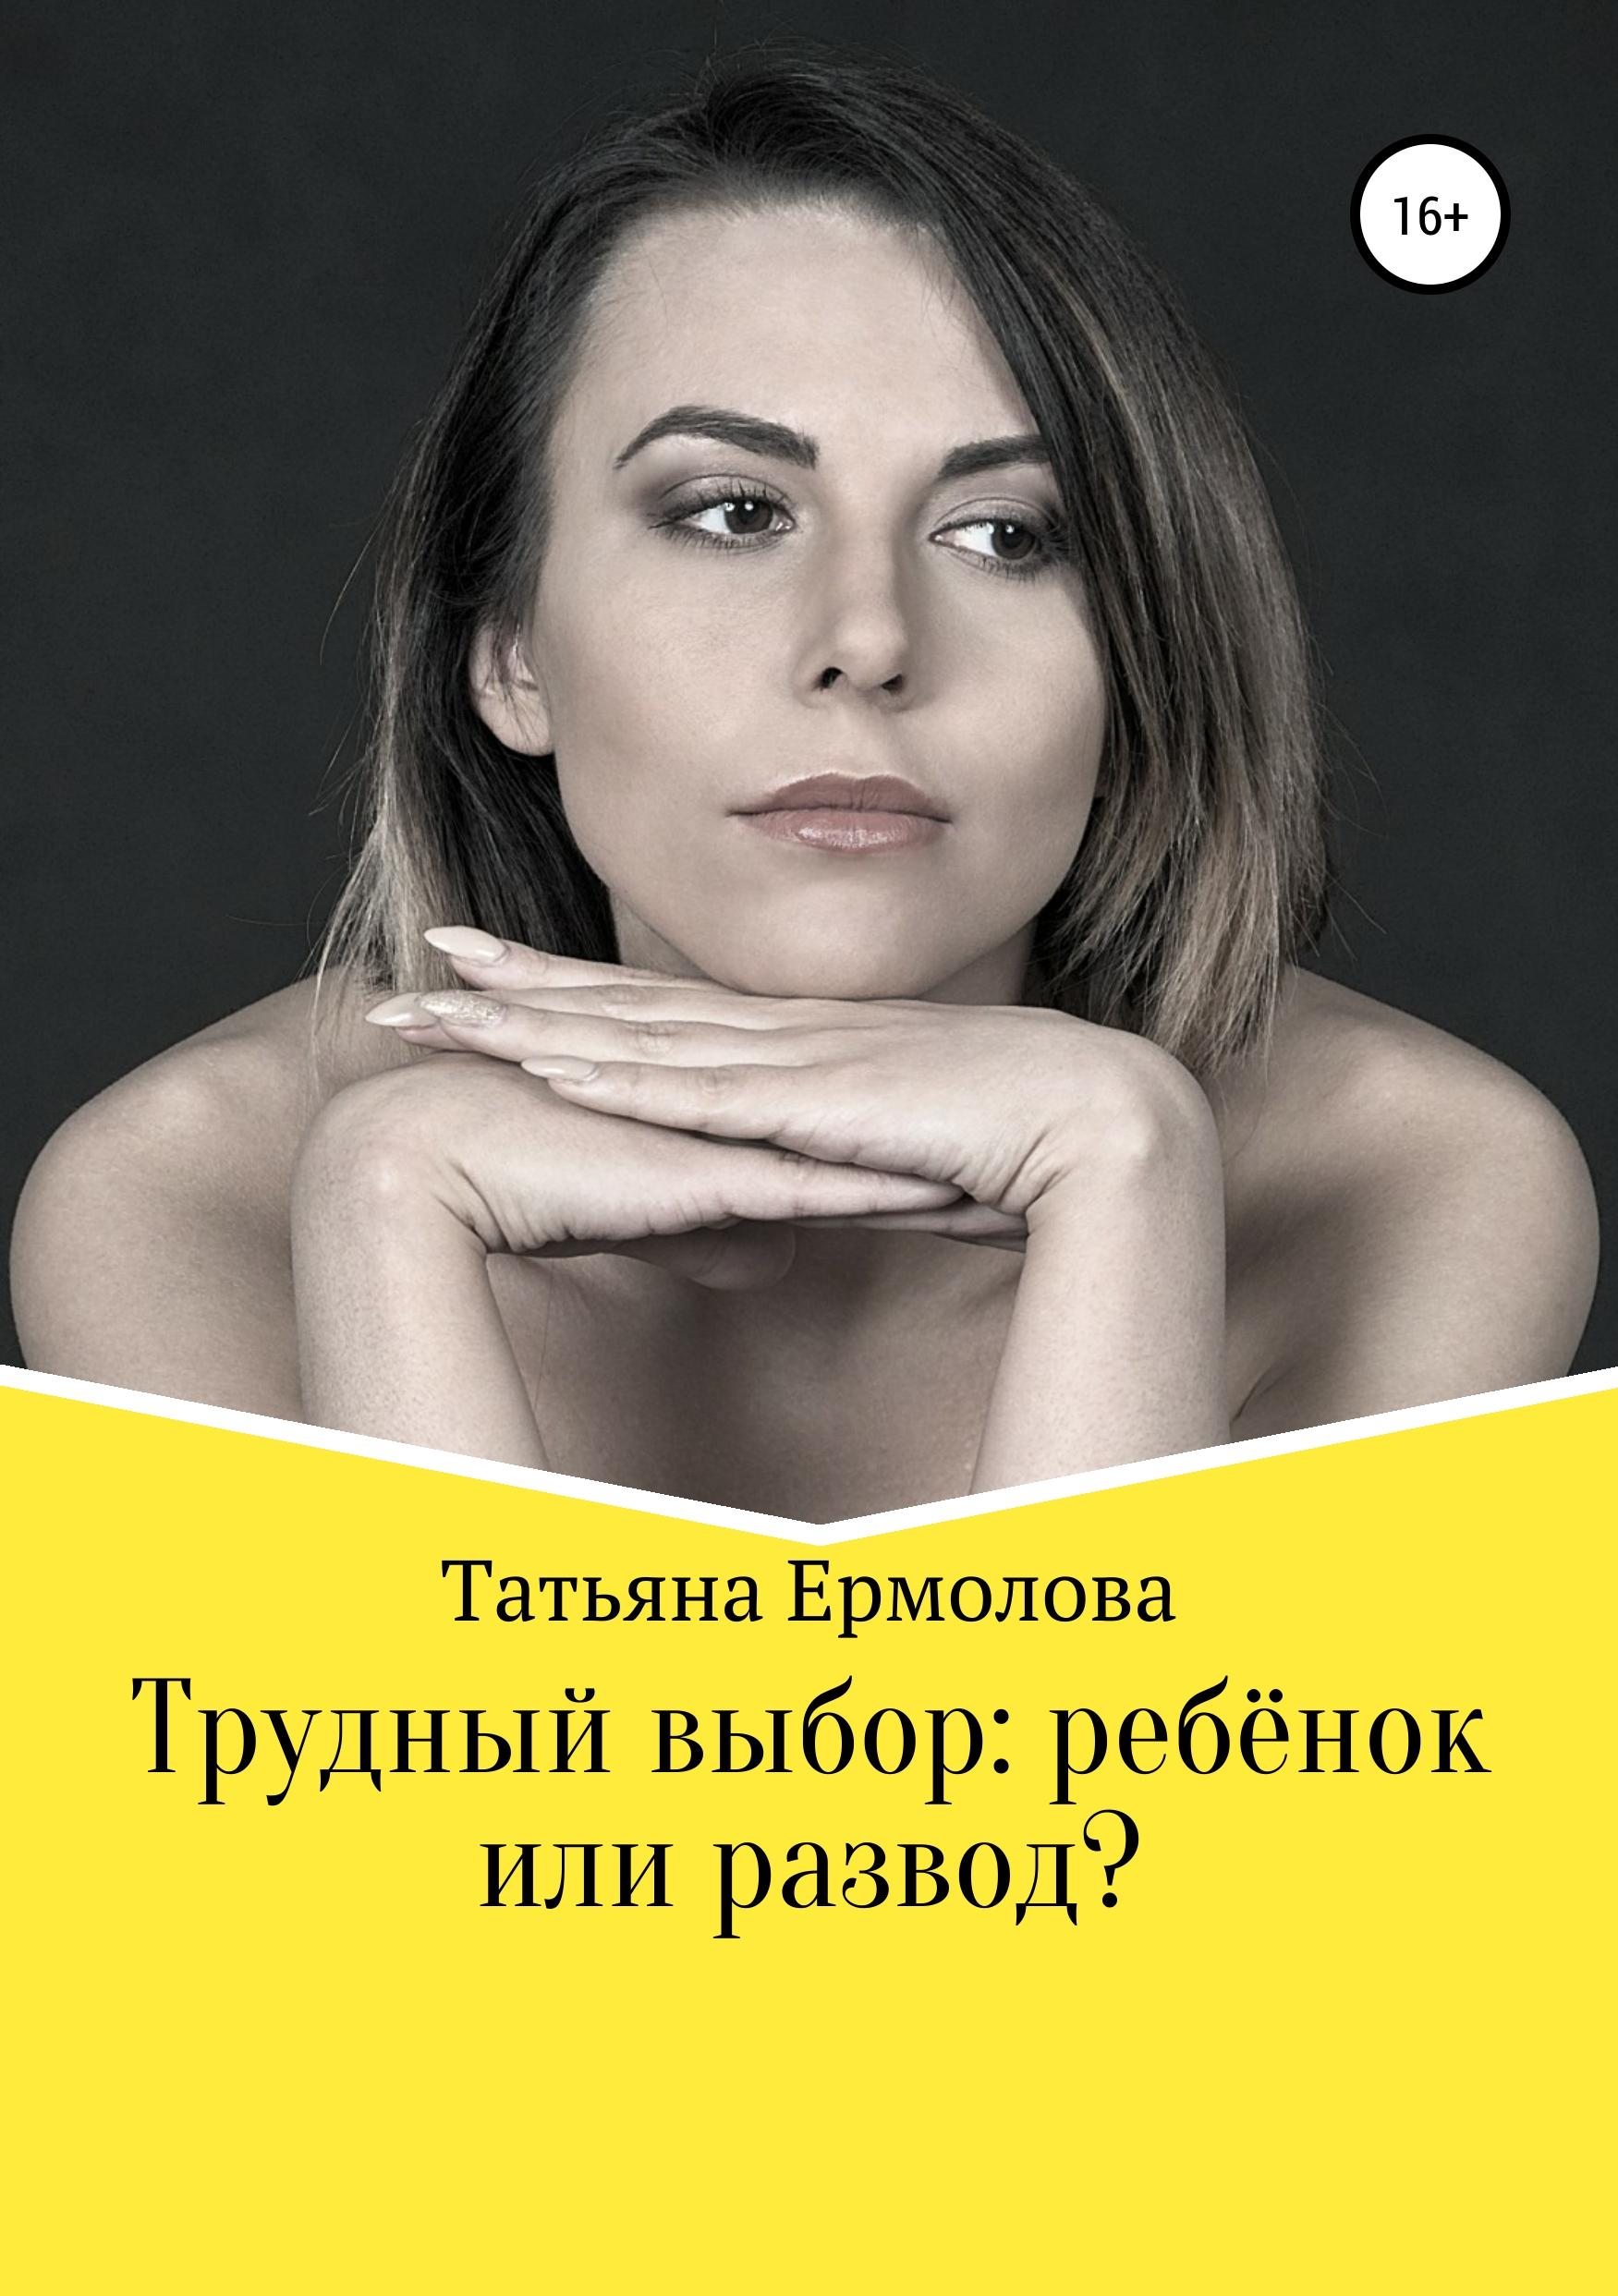 Татьяна Александровна Ермолова Трудный выбор: ребенок или развод?